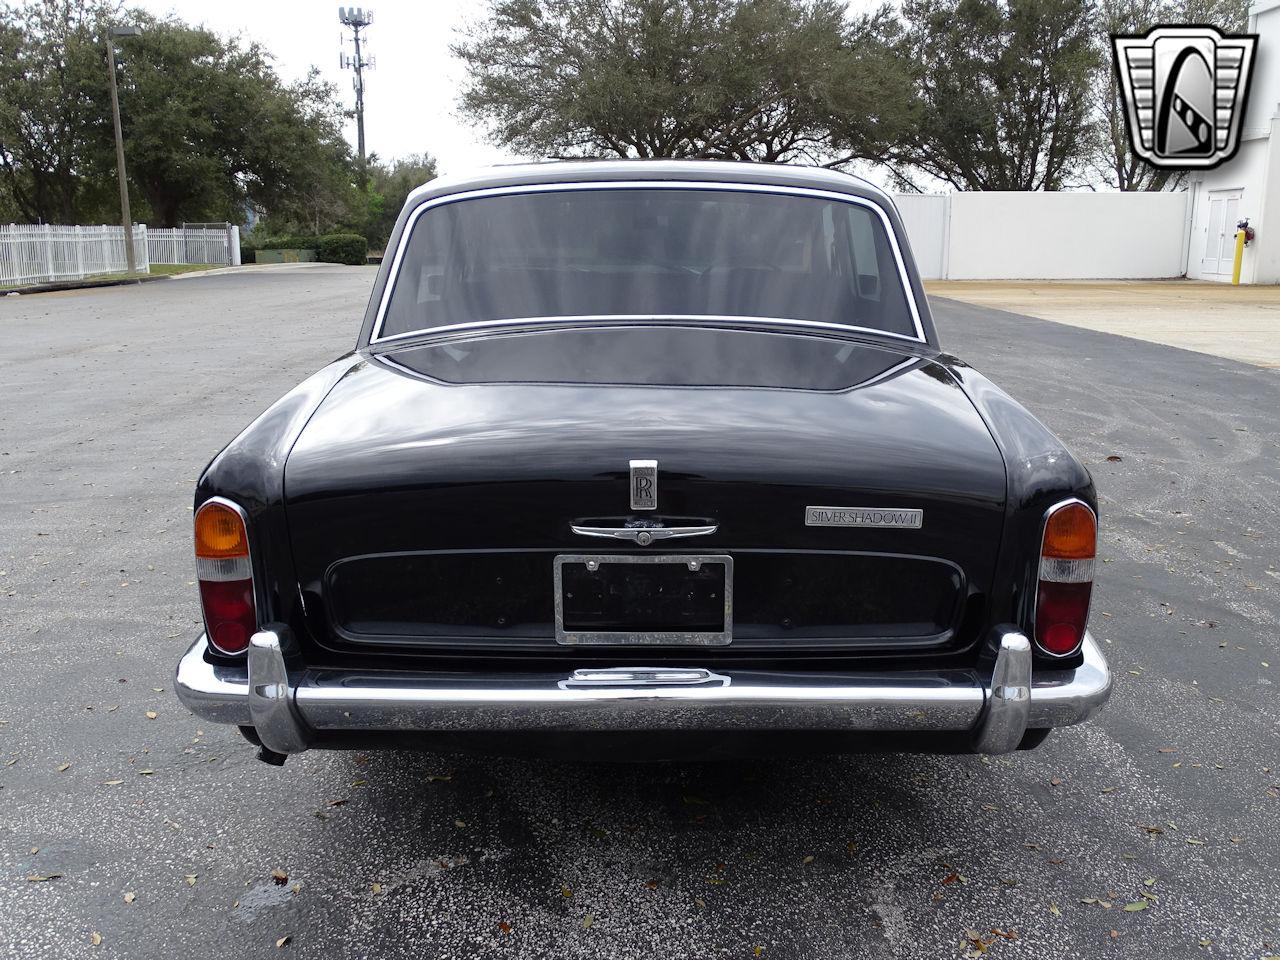 1967 Rolls Royce Silver Shadow 9